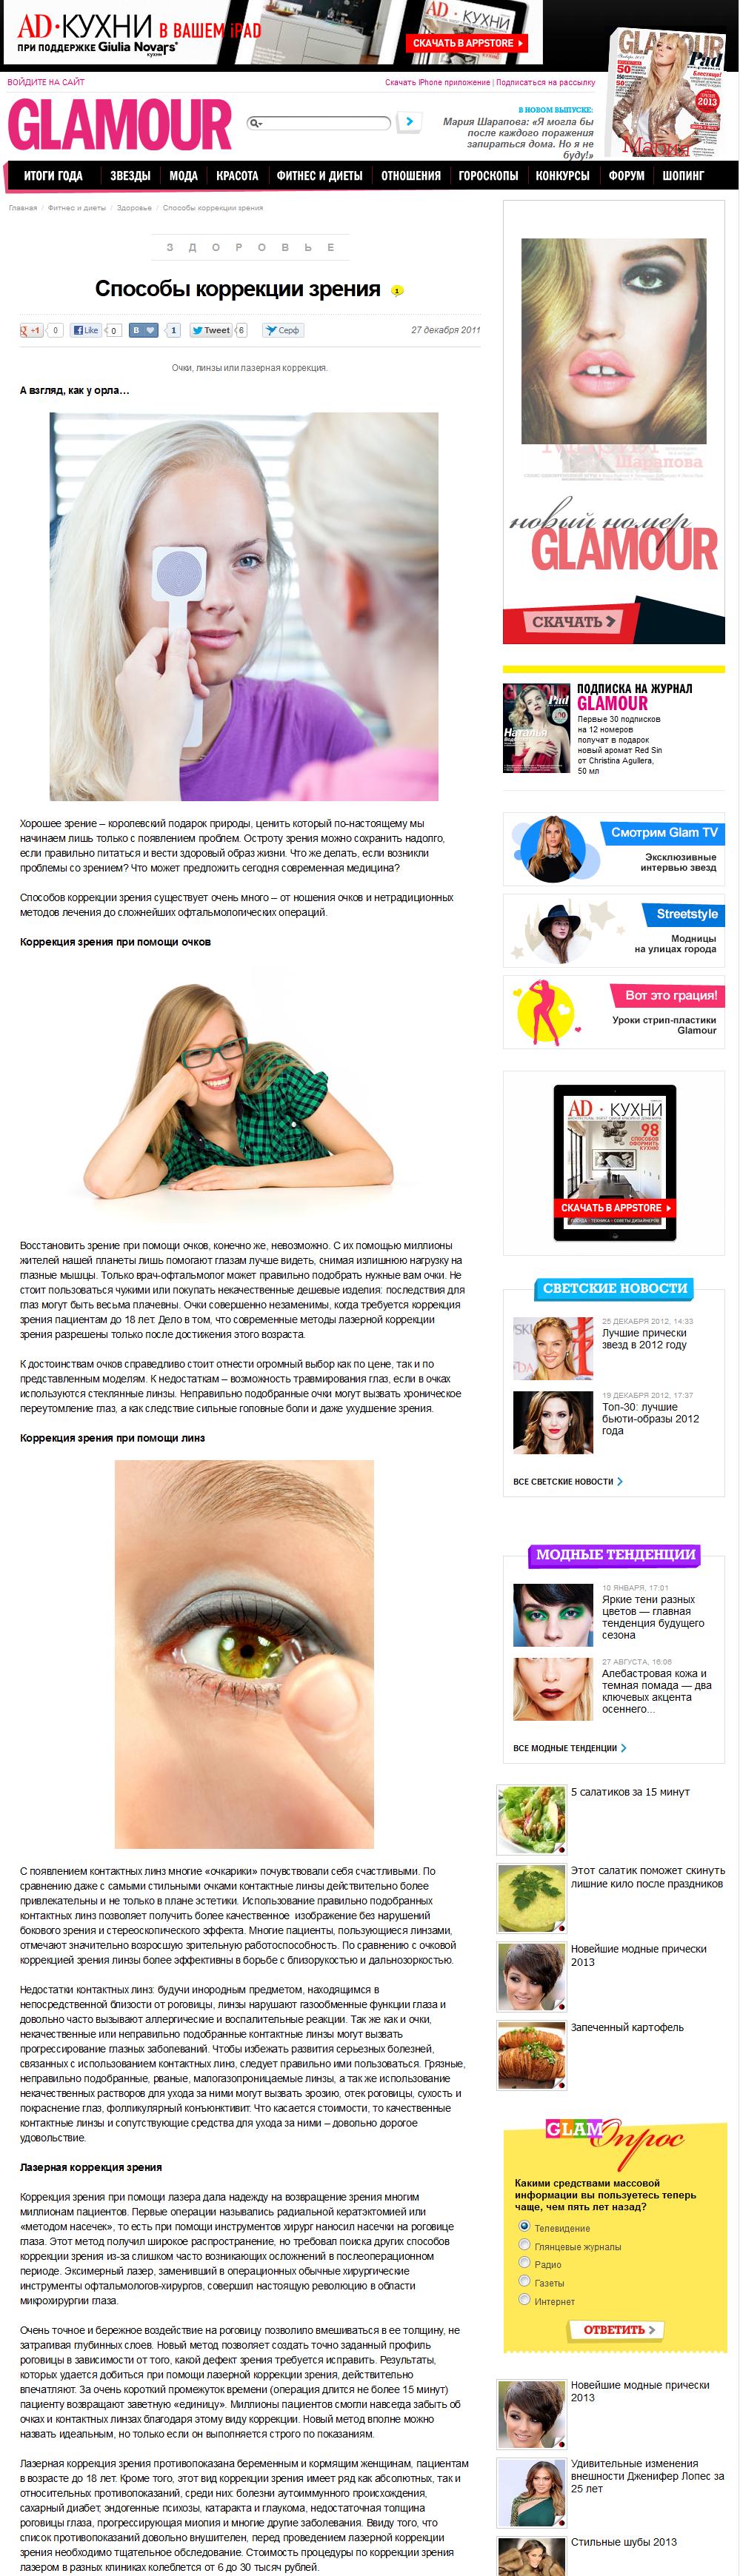 Способы коррекции зрения